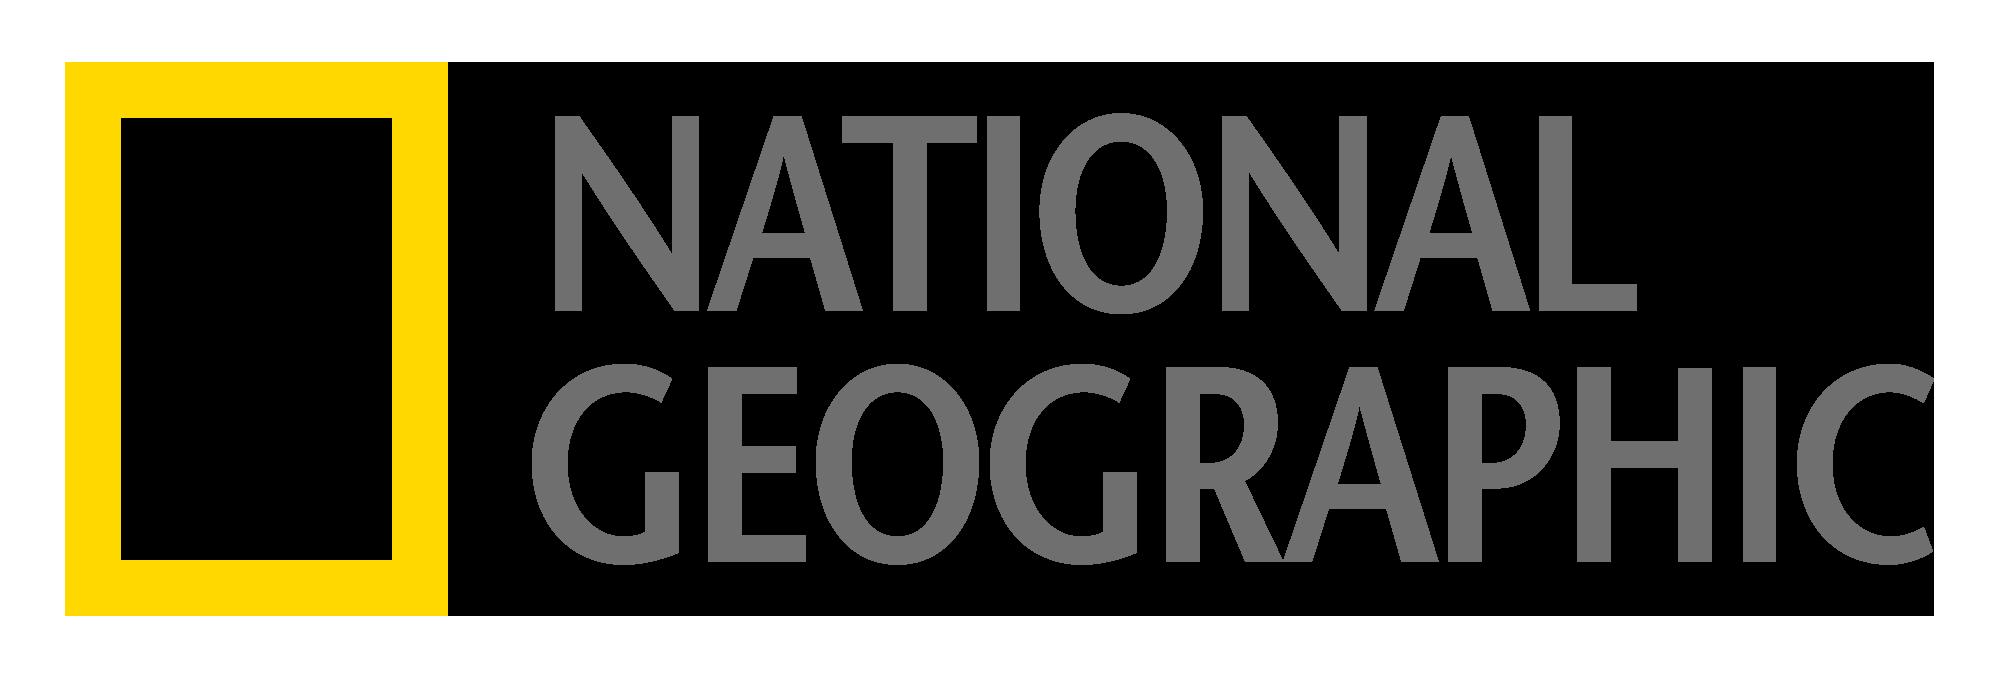 NG_LOGO_gray.png - National Geographic Logo PNG